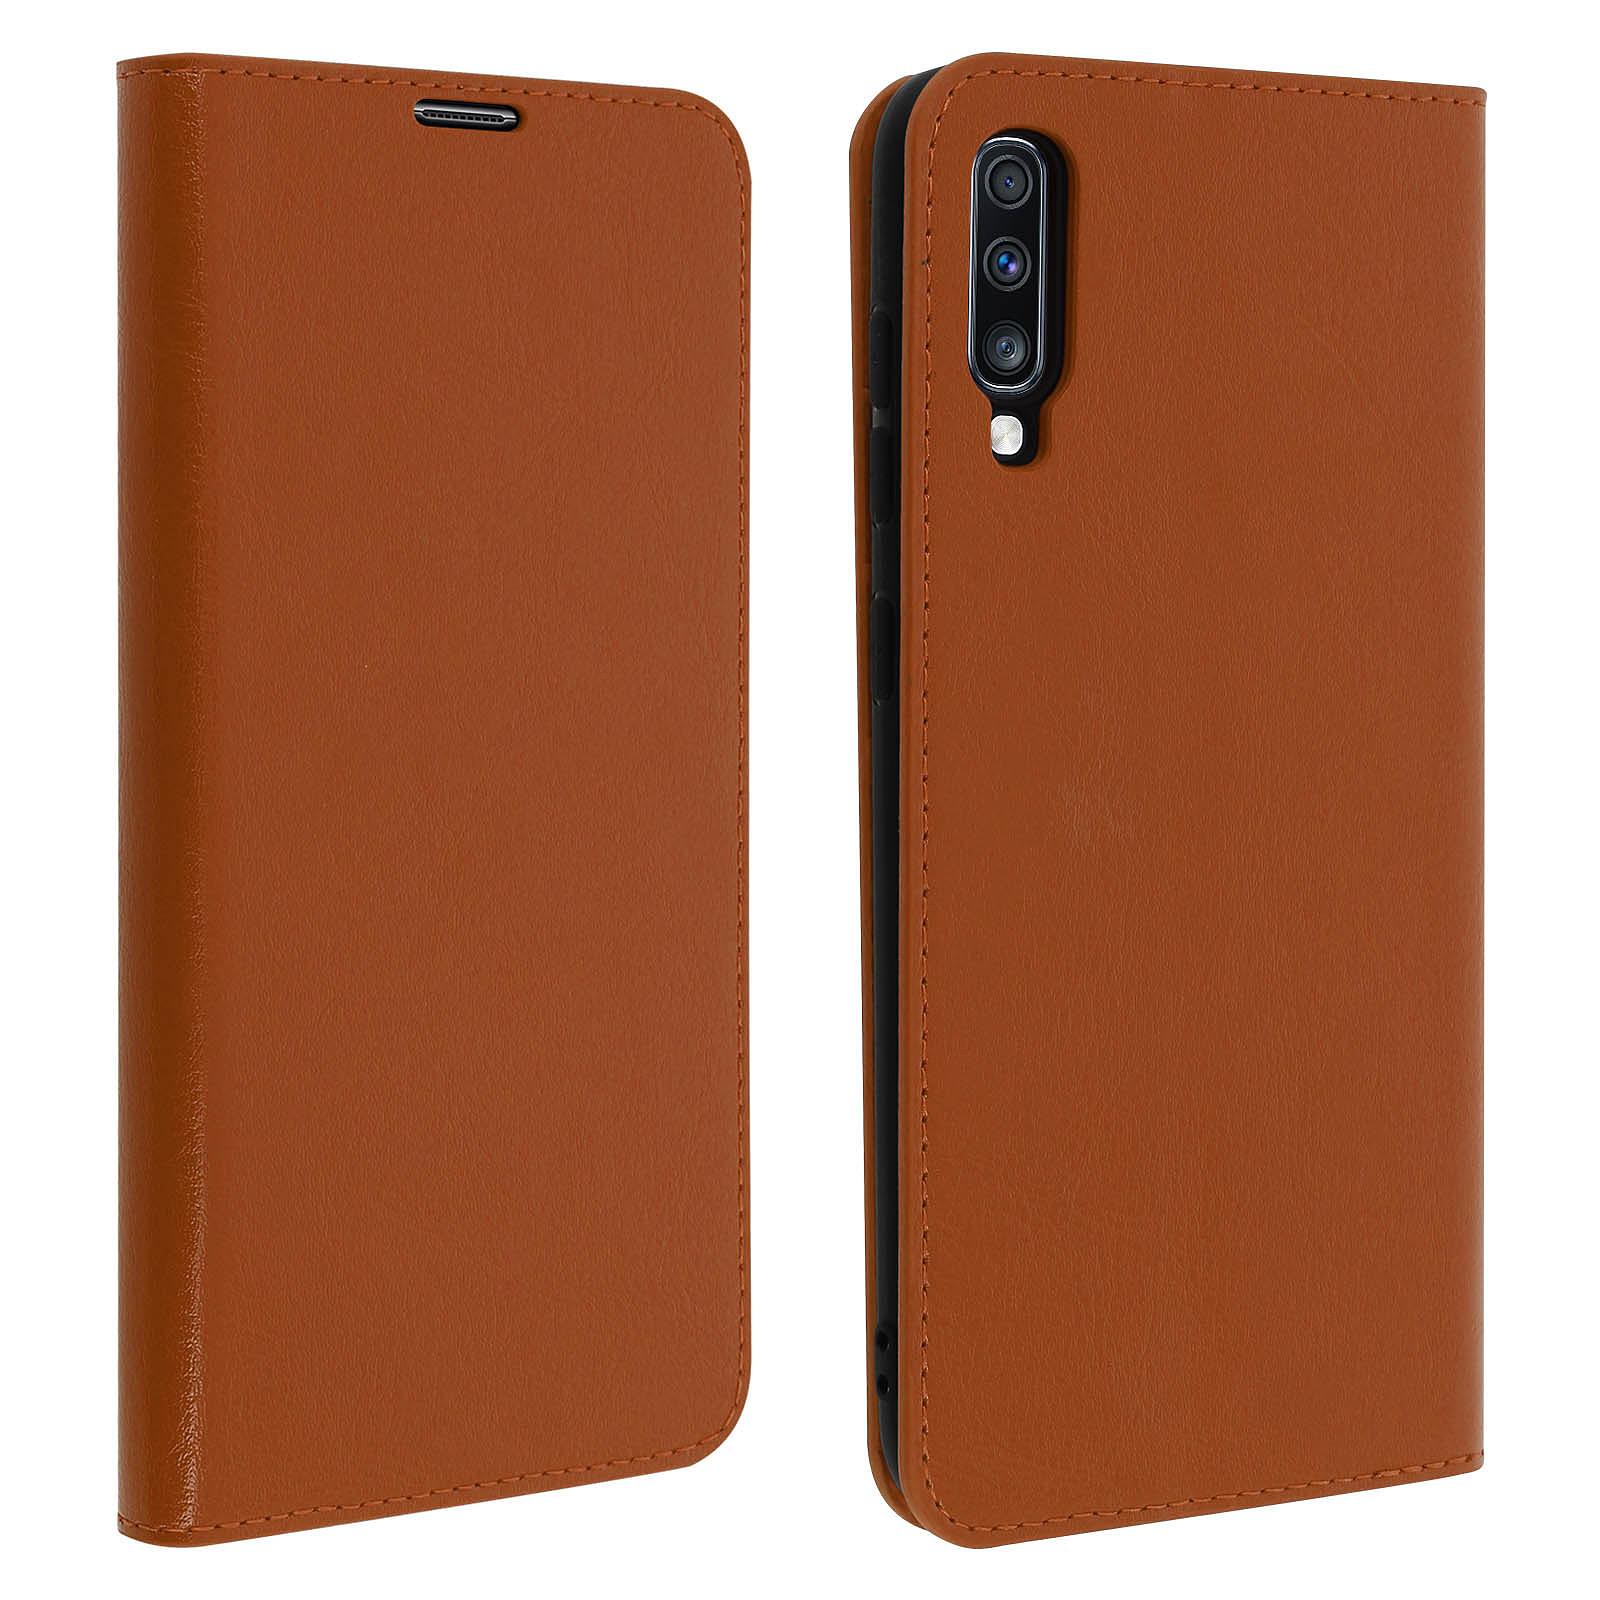 Avizar Etui folio Camel pour Samsung Galaxy A70